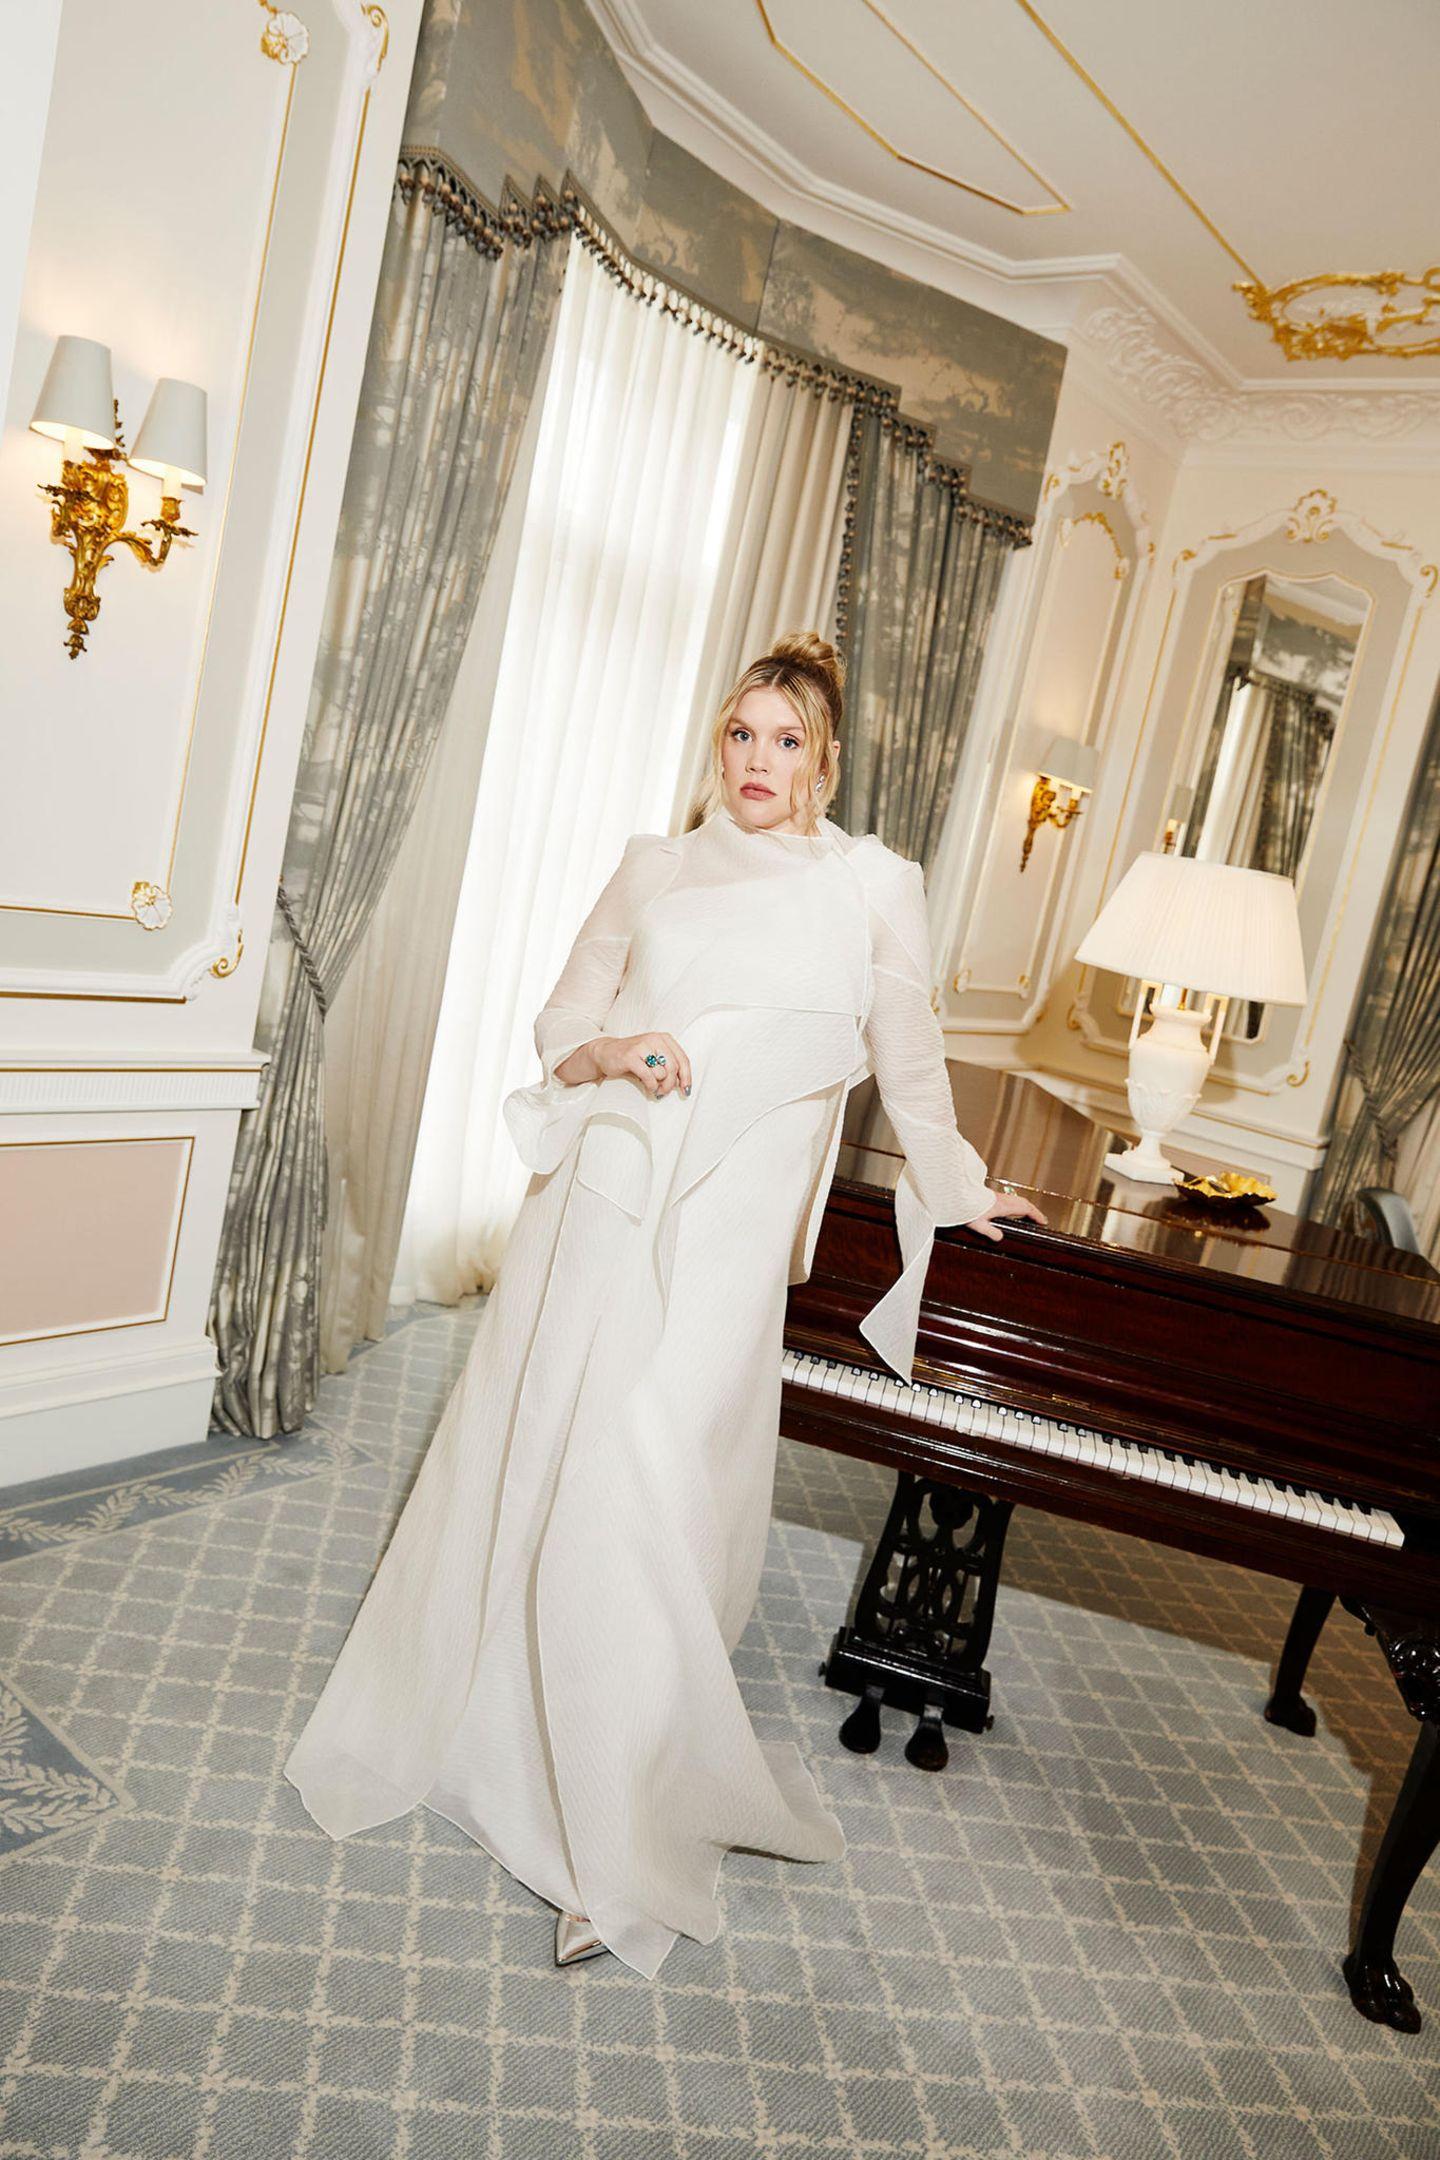 Einen Style-Traum in Weiß von Roland Mouret präsentiert Schauspielerin, Drehbuchautorin und Regisseurin und jetzt zweifache BAFTA-Gewinnerin Emerald Fennell.